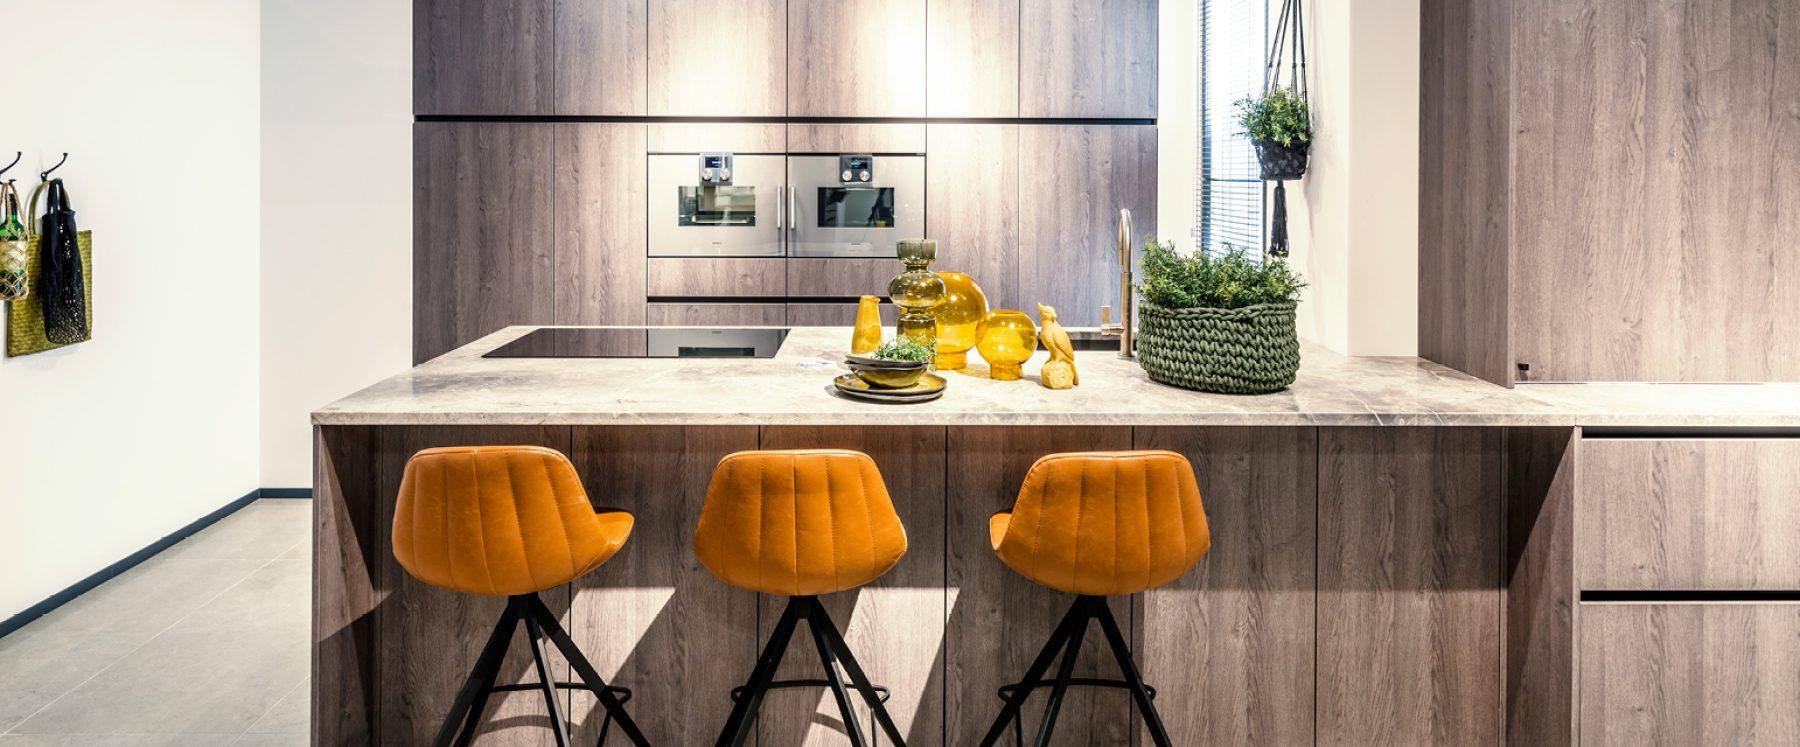 Open keuken me marmeren keukenblad